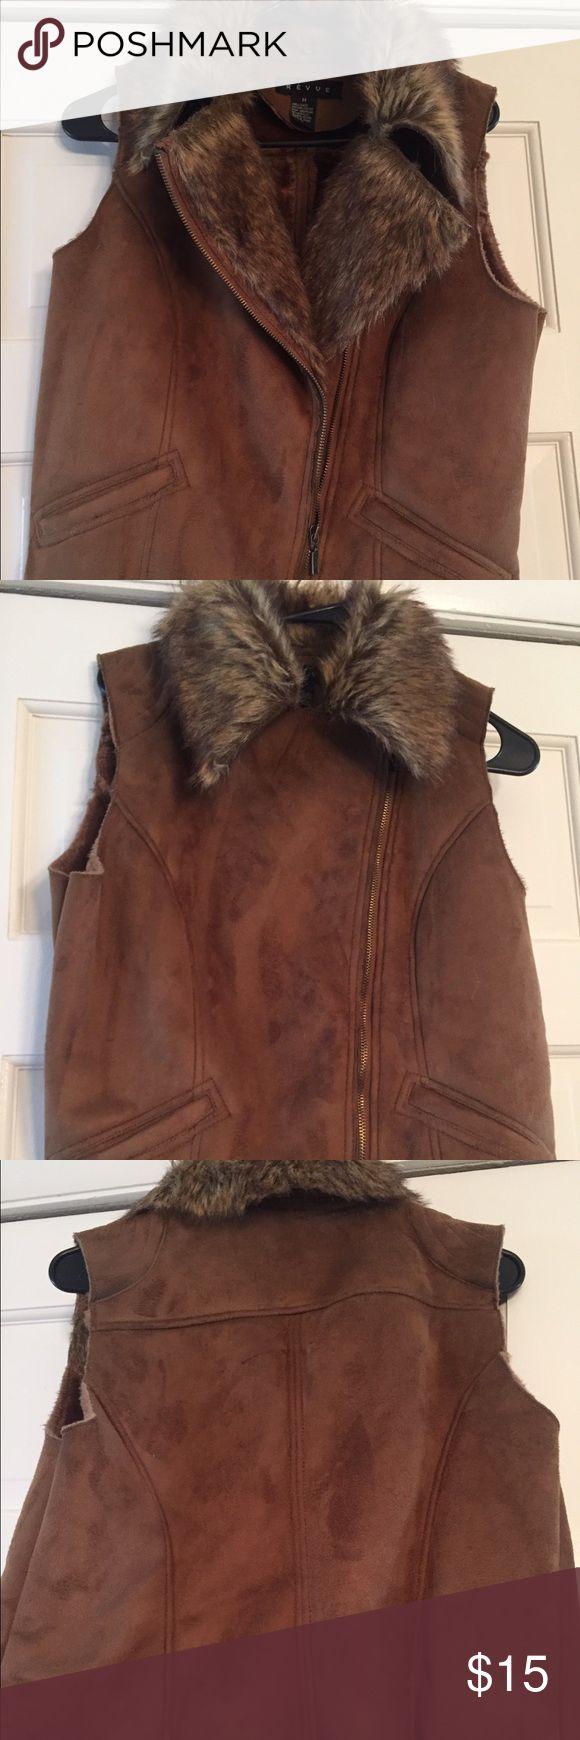 Suede brown vest Women's brown suede zipper vest - worn once Jackets & Coats Vests